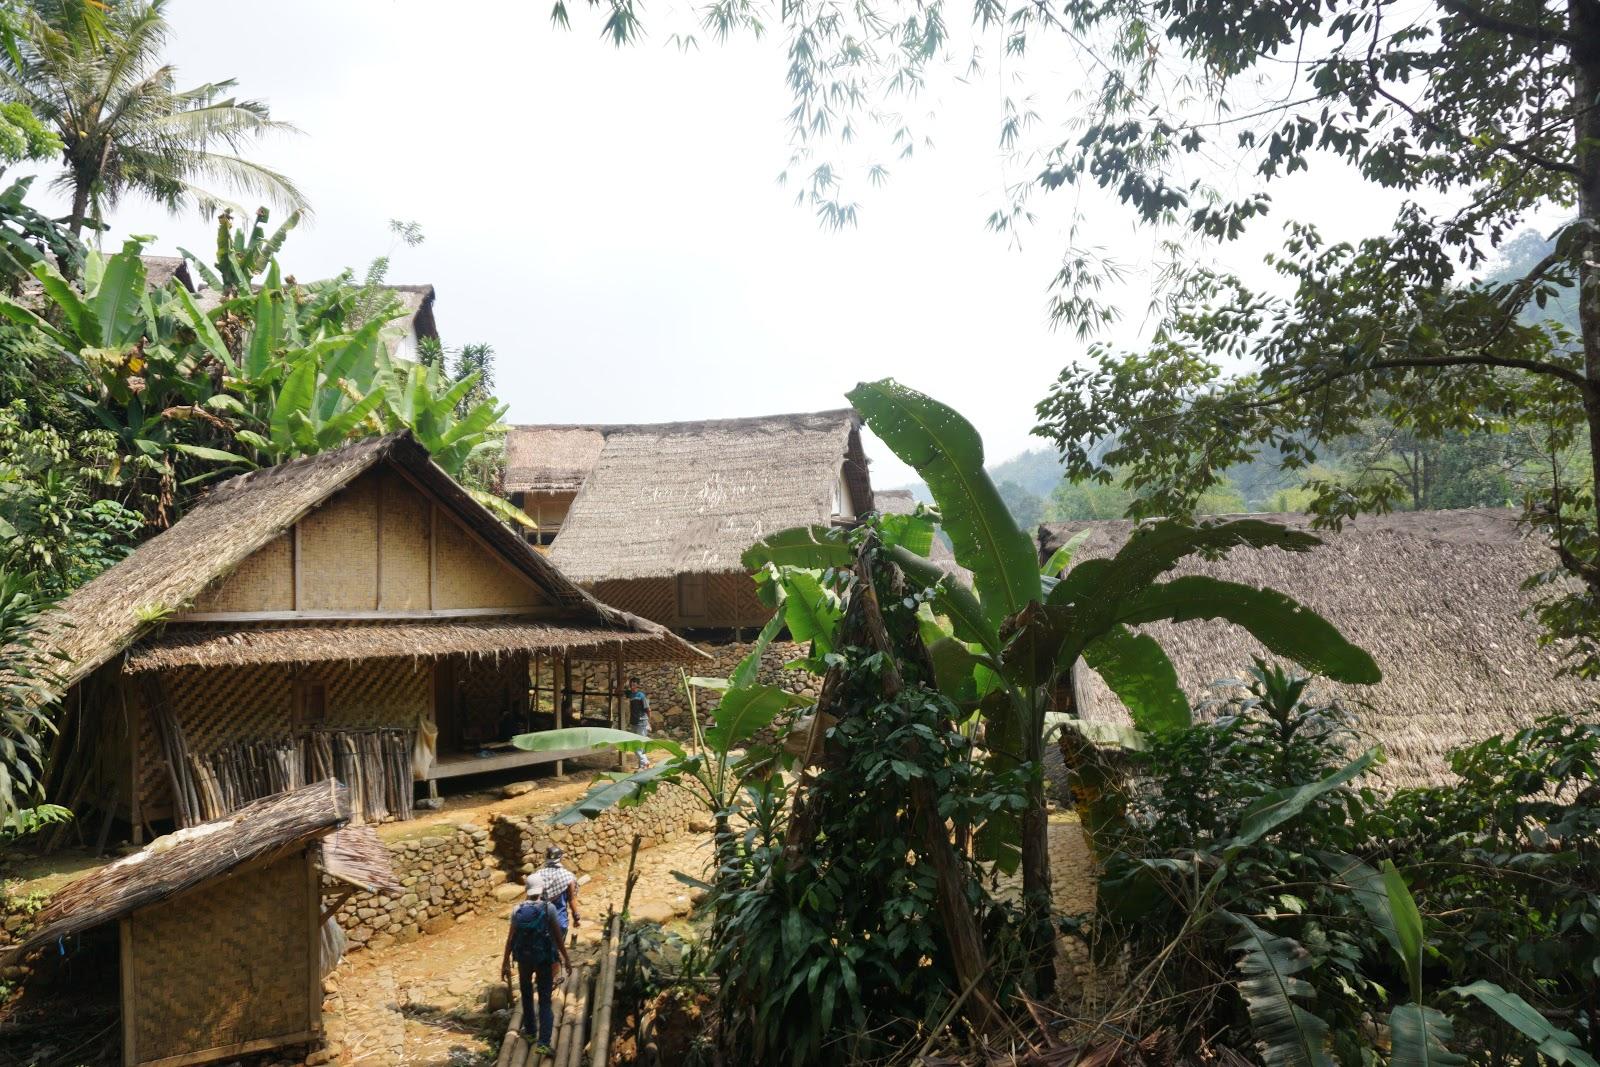 Aychoty Piknik Cantik Jelajah 7 Wonders Banten Wisata Budaya Perkampungan